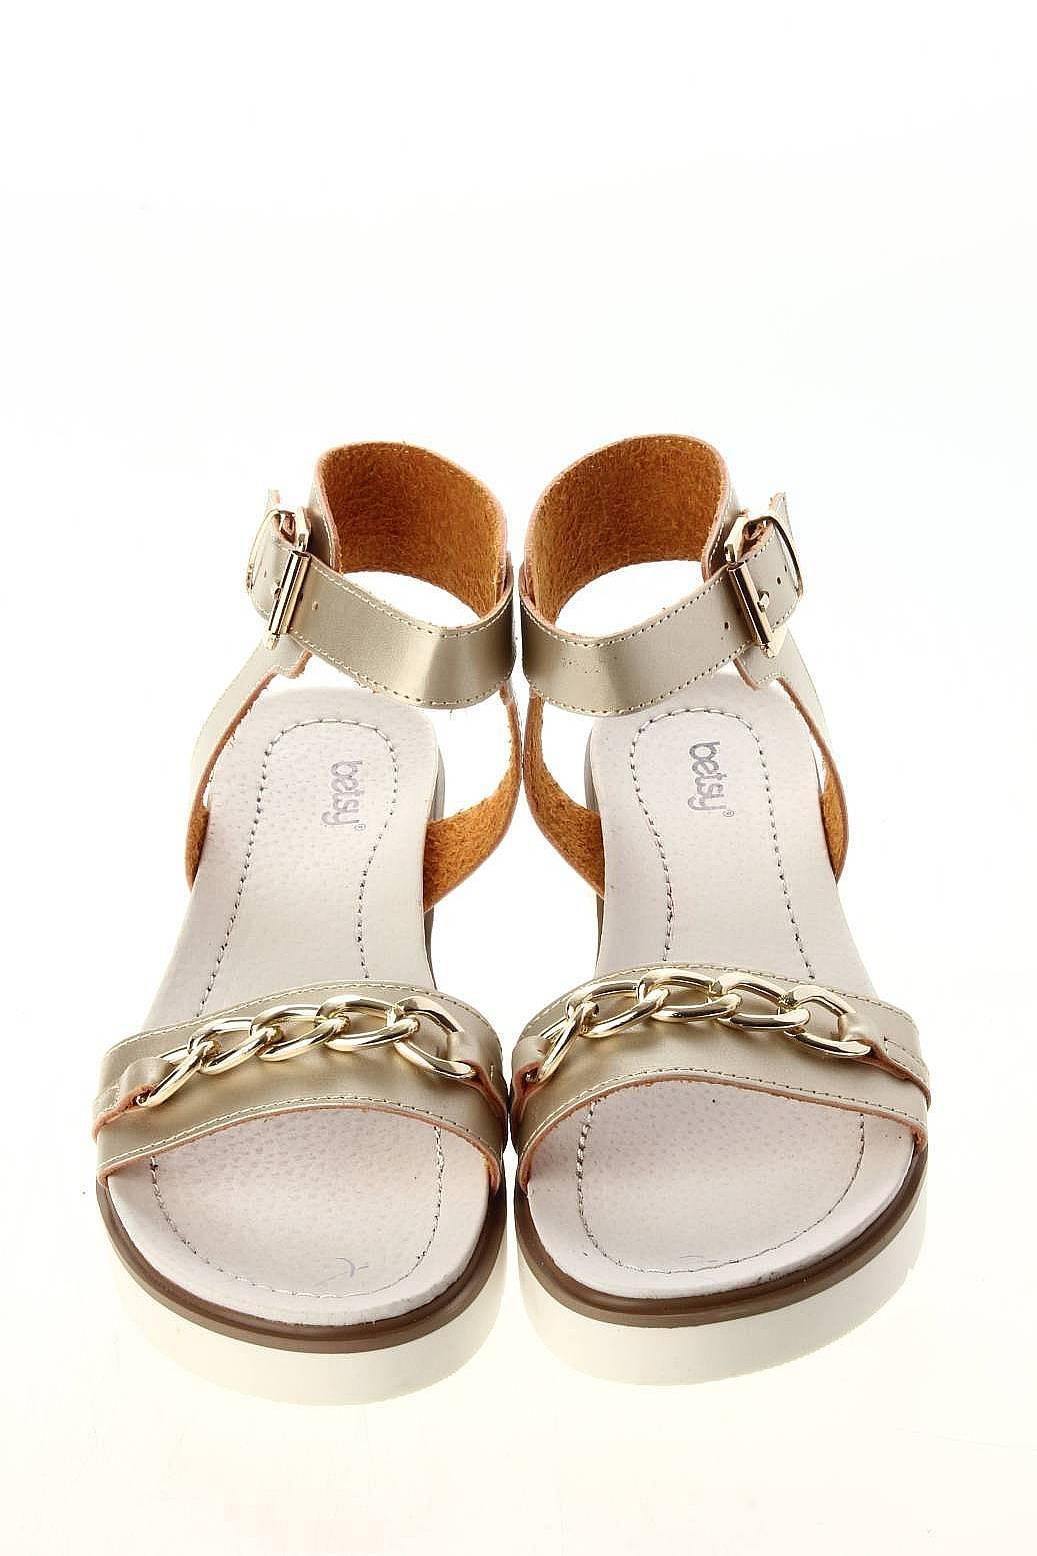 Мужская Обувь Детская Обувь Сандалии: BETSY Обувь